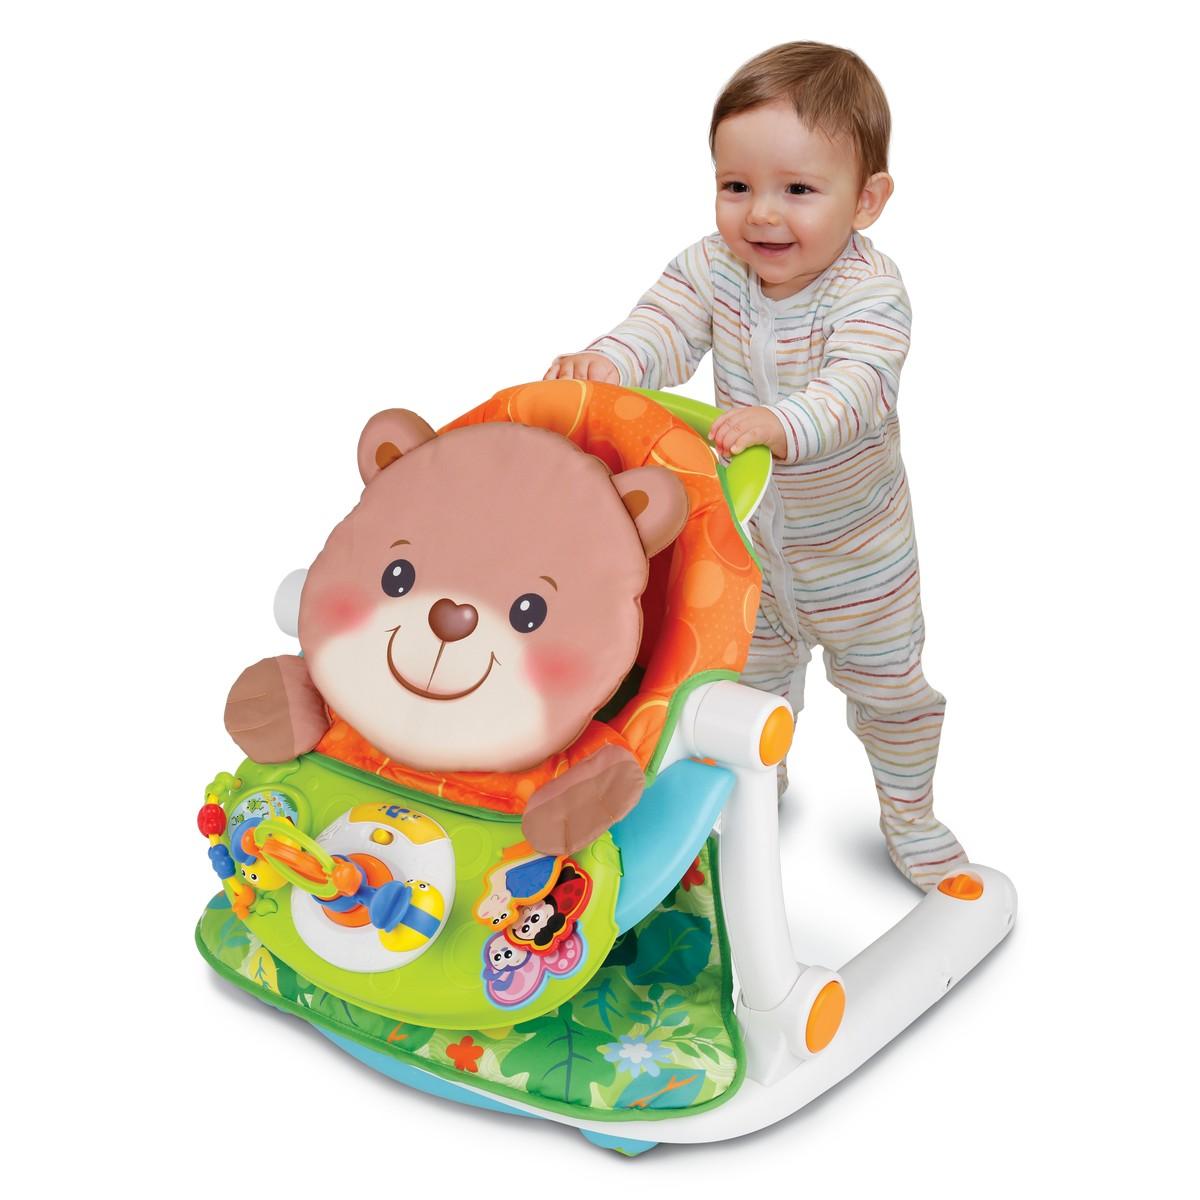 Zupełnie nowe Kiedy dziecko zaczyna siadać, czyli o nauce siadania | Strefa rodzica TF22